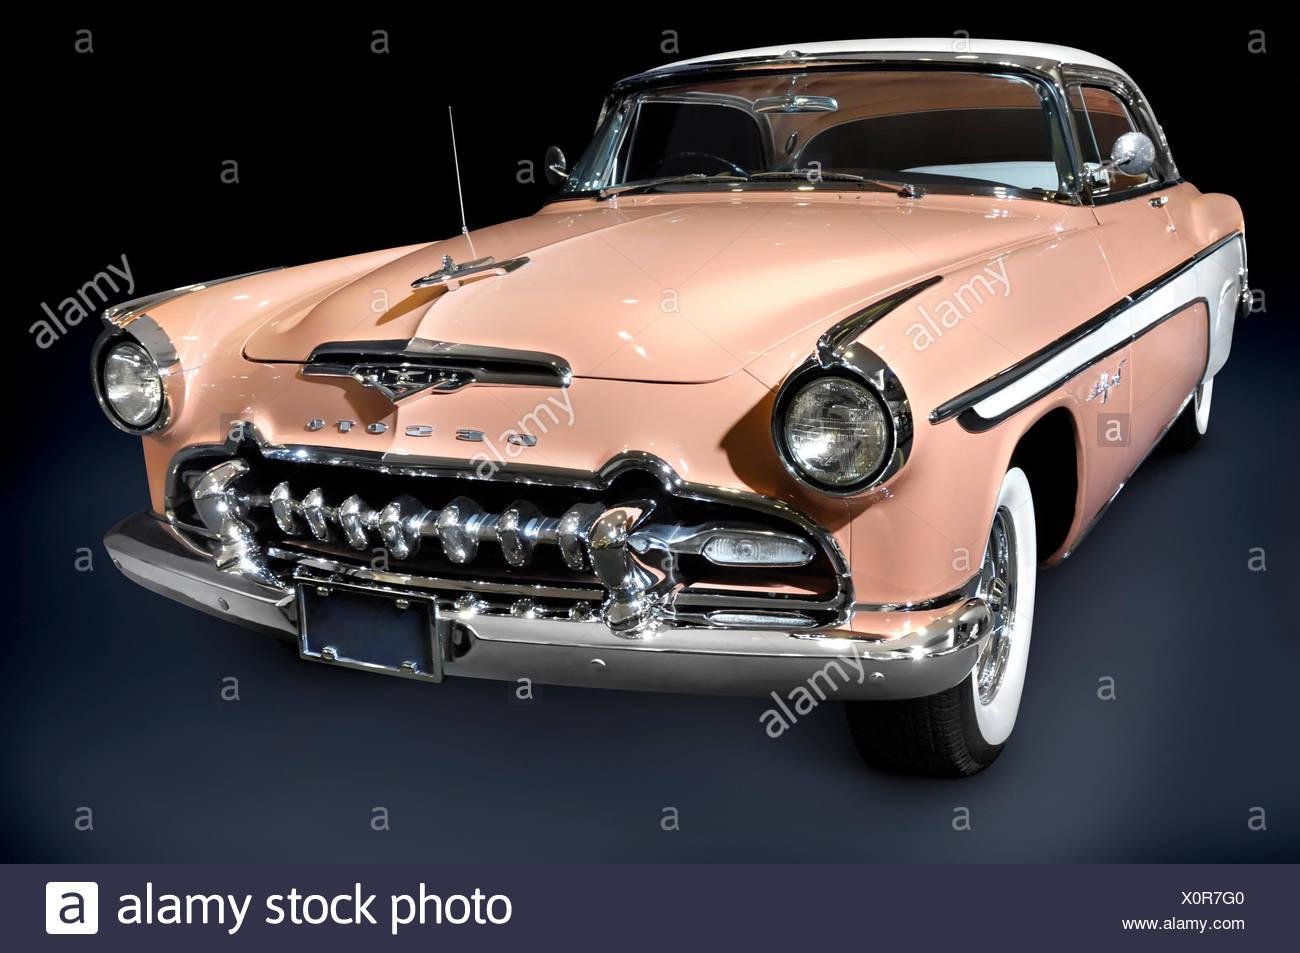 DeSoto Fireflite Sportsman blanc rose 1955 voiture rétro classique Photo Stock